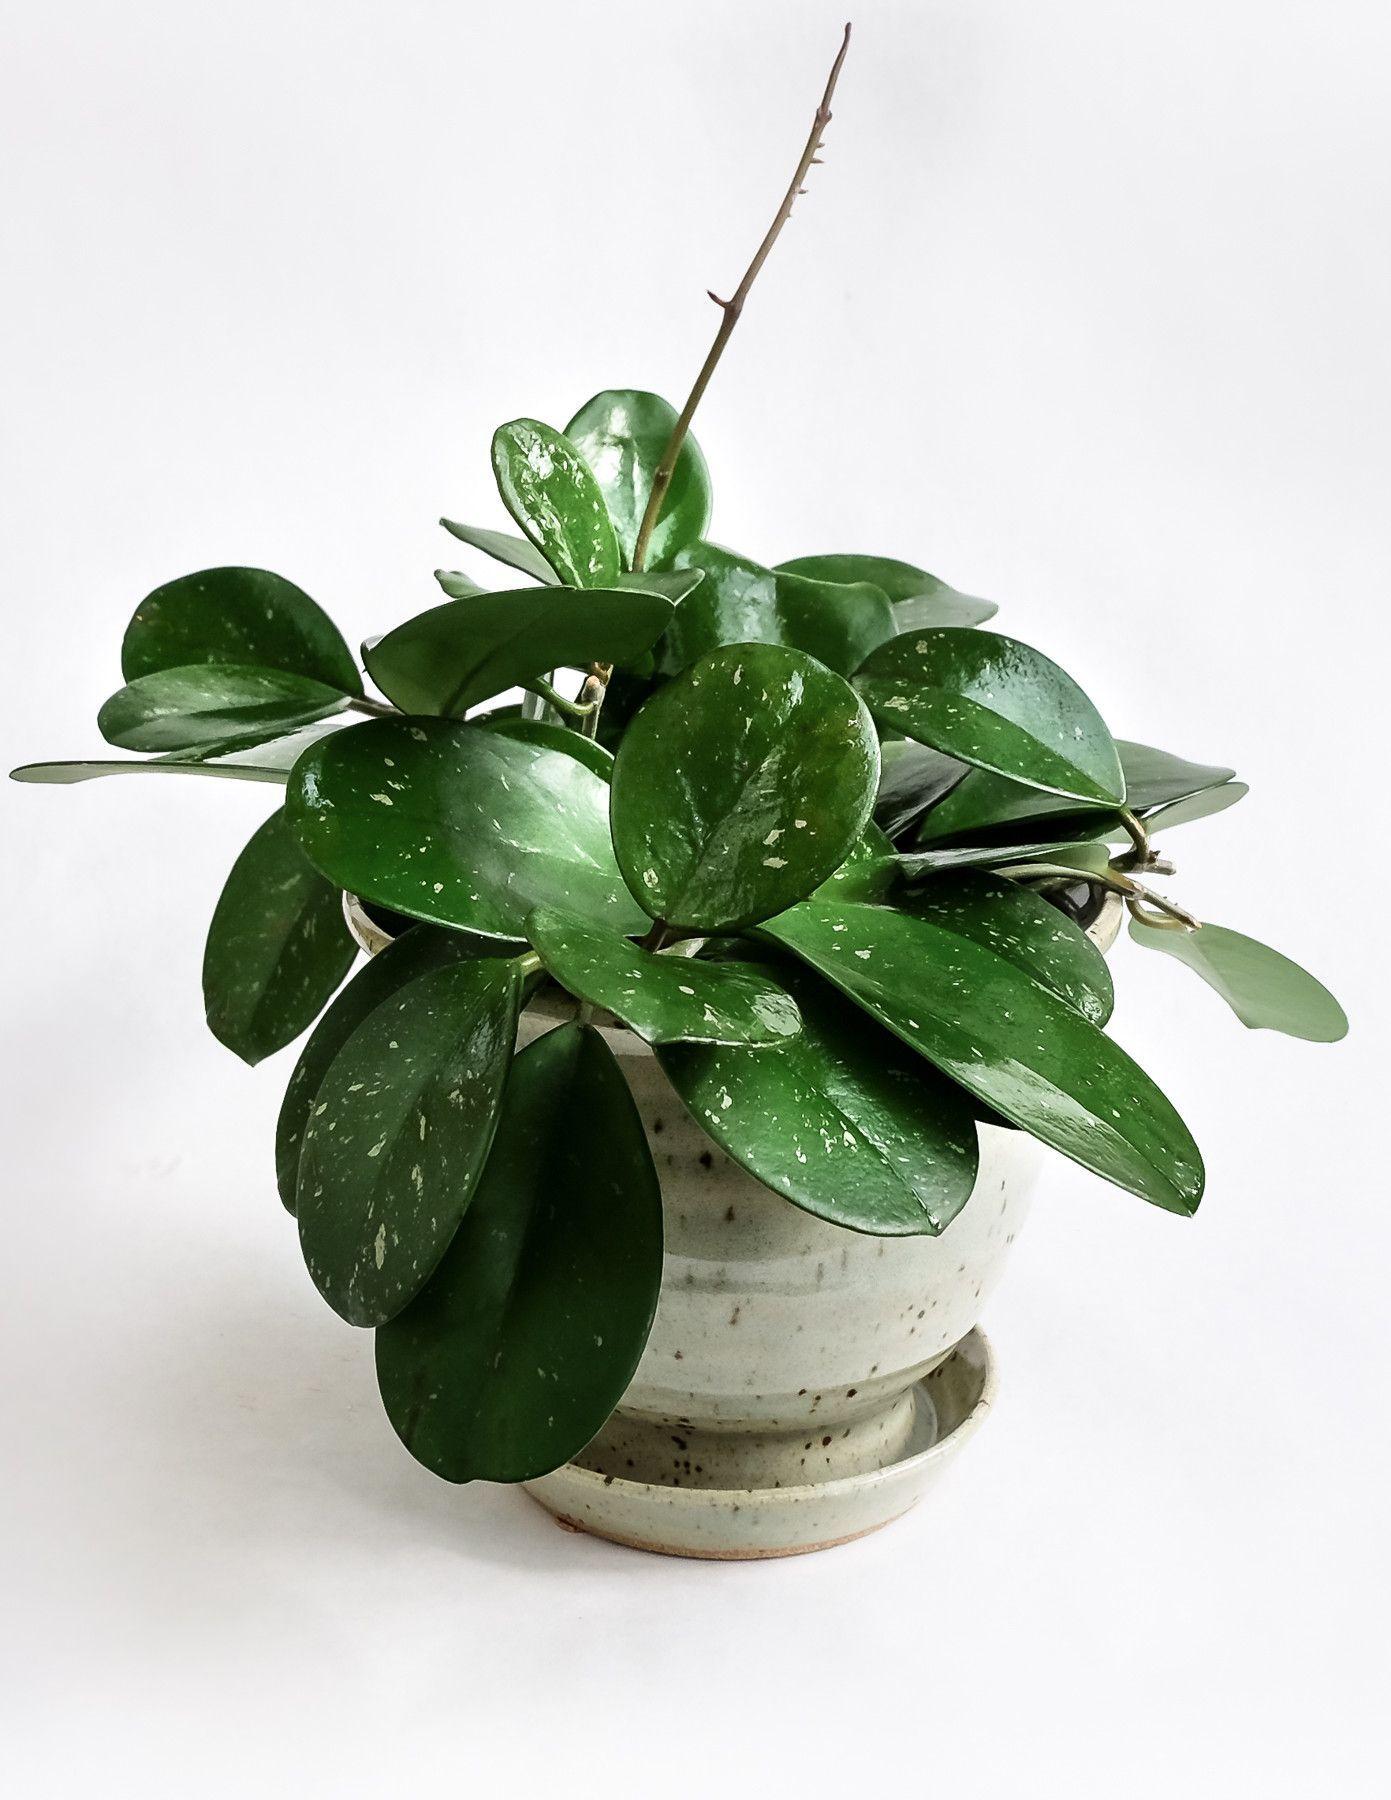 Hoya obovata | Plants, Indoor plants, Hoya plants